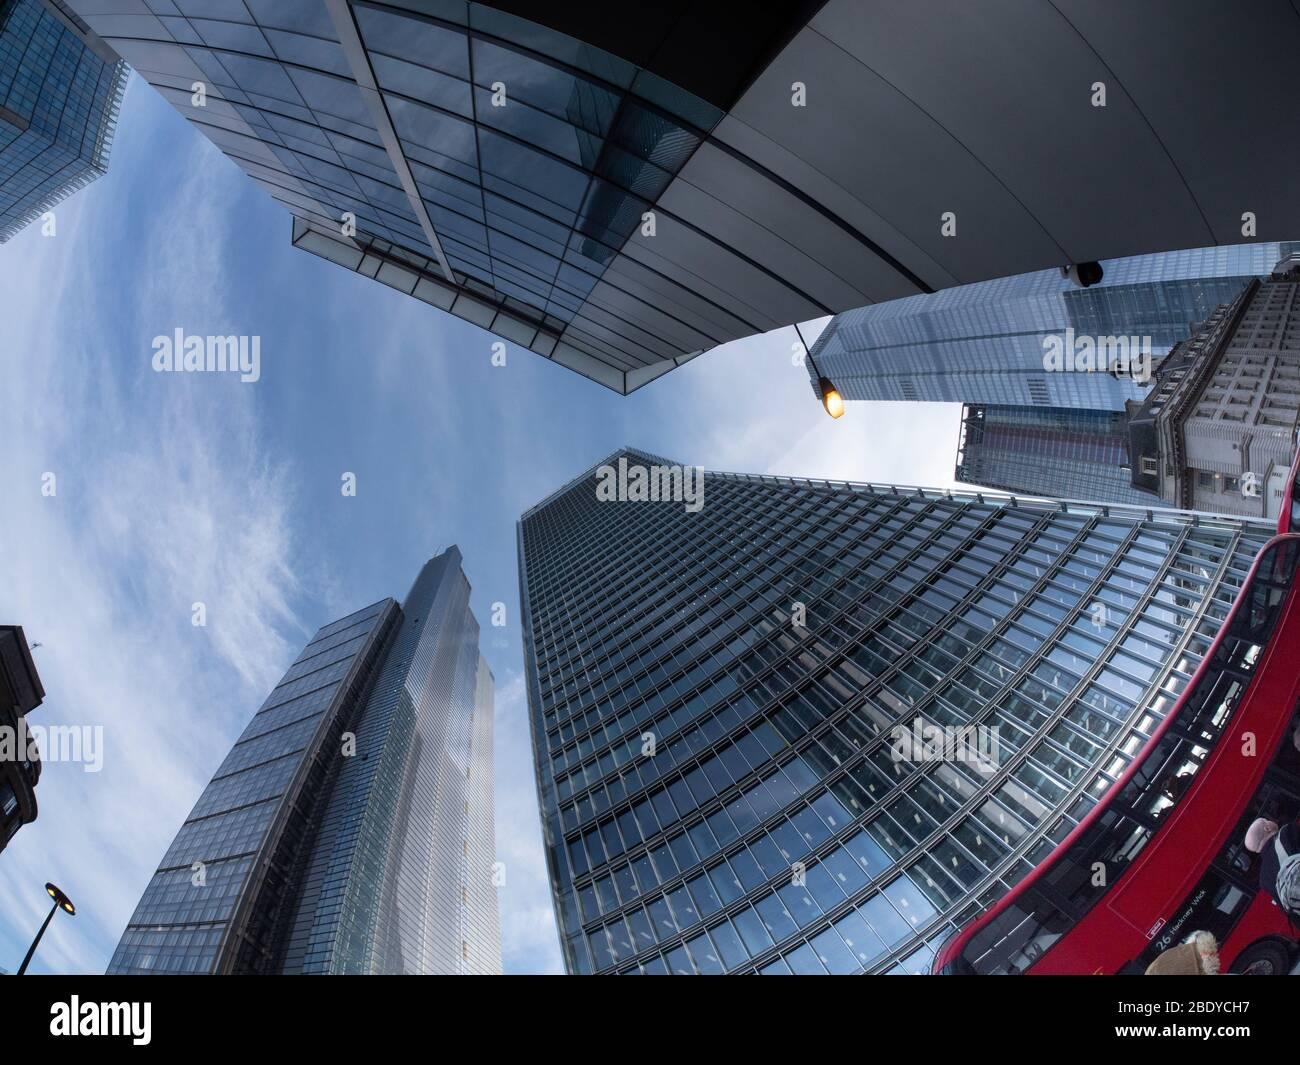 100 Bishopsgate, le siège de la Royal Bank of Canada, gratte-ciel de Londres, derrière l'autobus rouge. La tour Heron est sur la gauche Banque D'Images